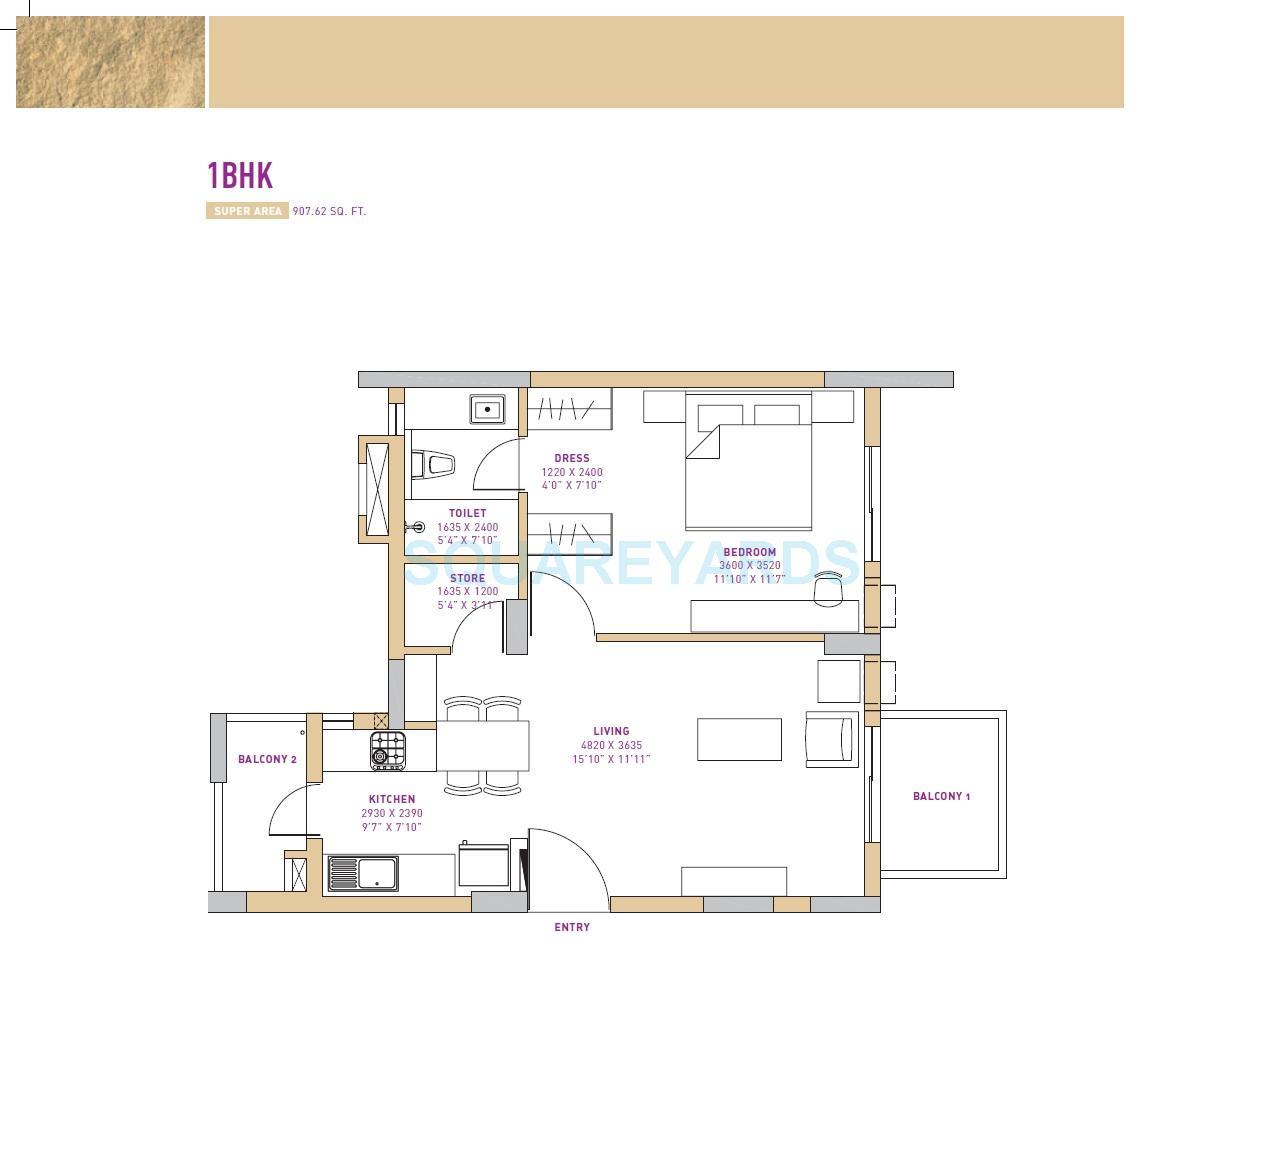 vatika seven lamps apartment 1bhk 907 62sqft 1